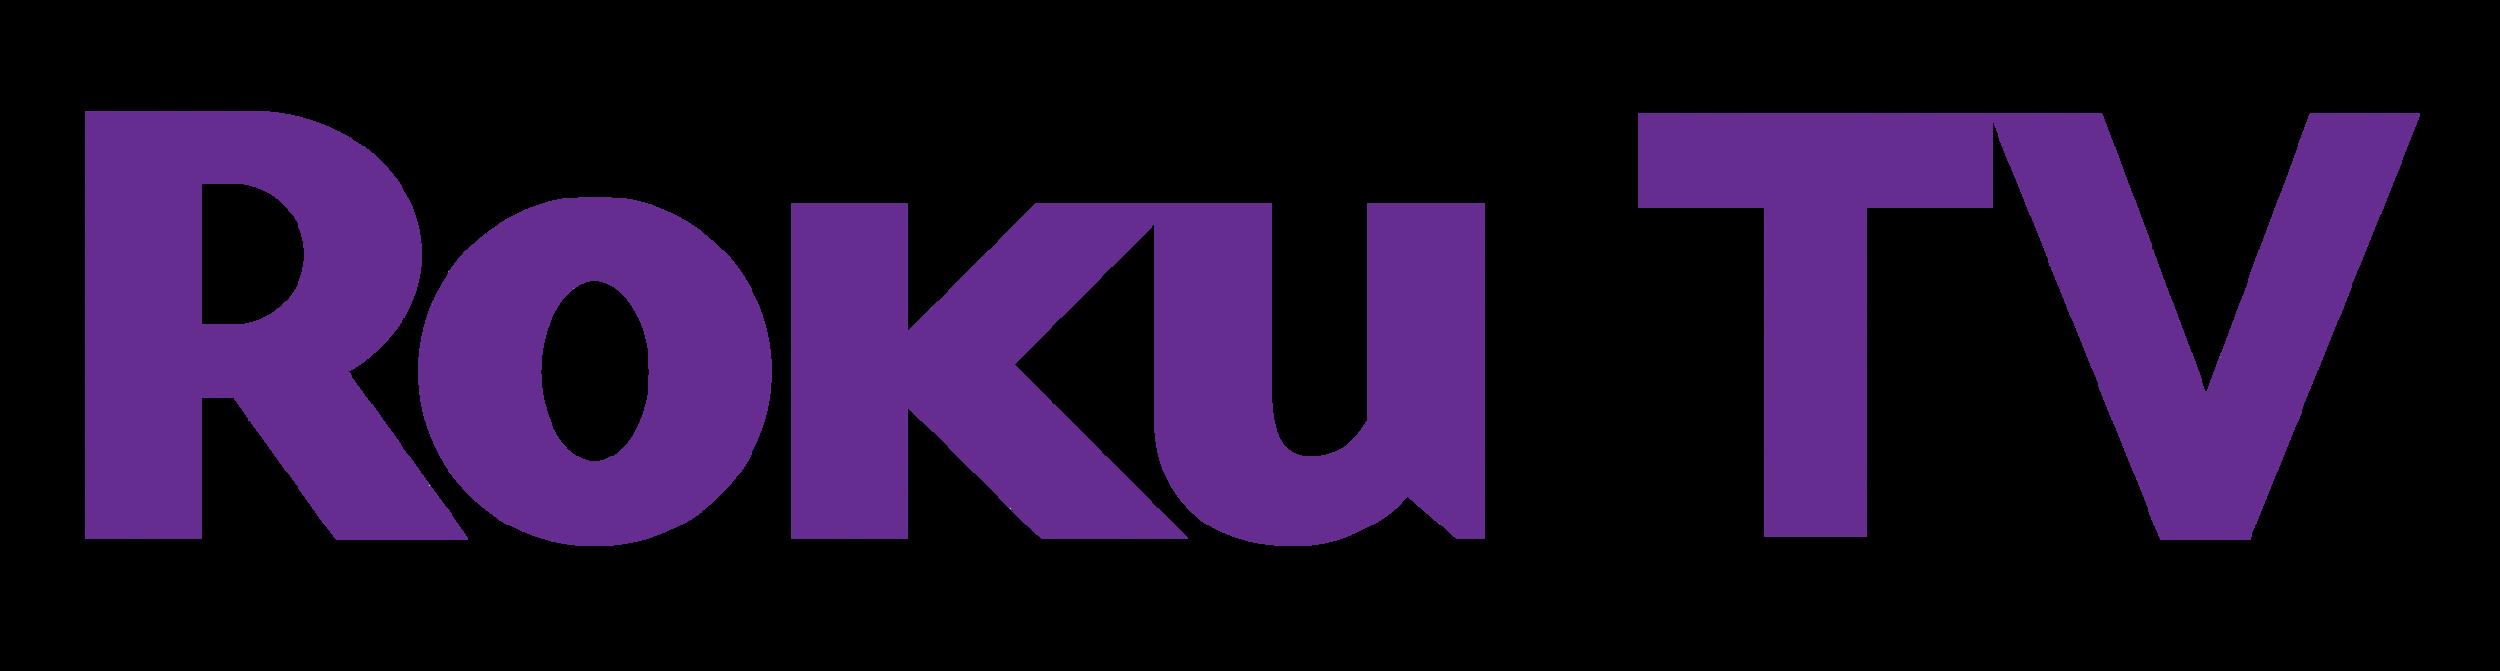 RokuTV_logo_purple1.png